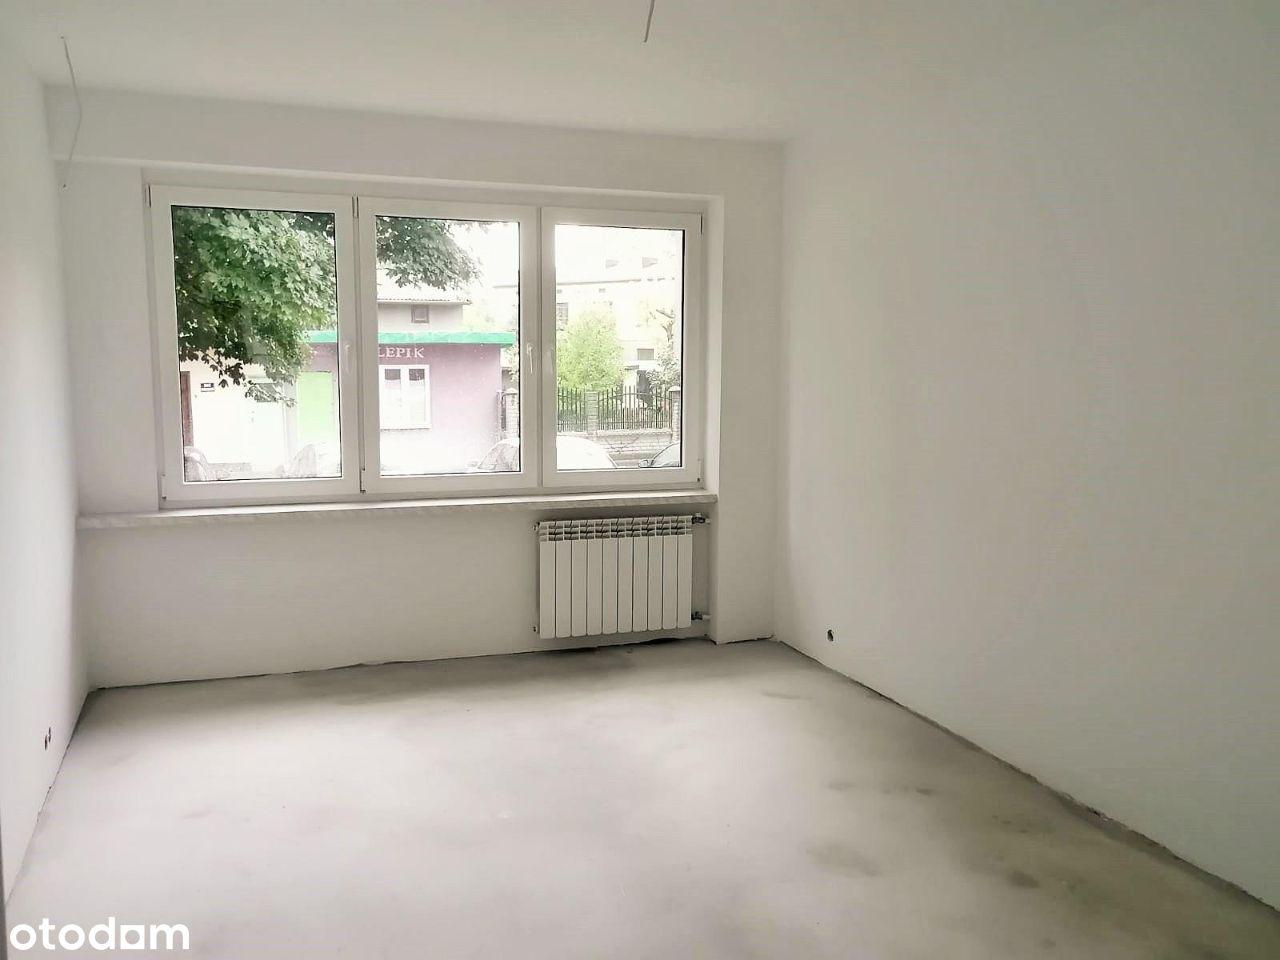 Mieszkanie 2 pokoje, parter, do wykończenia!